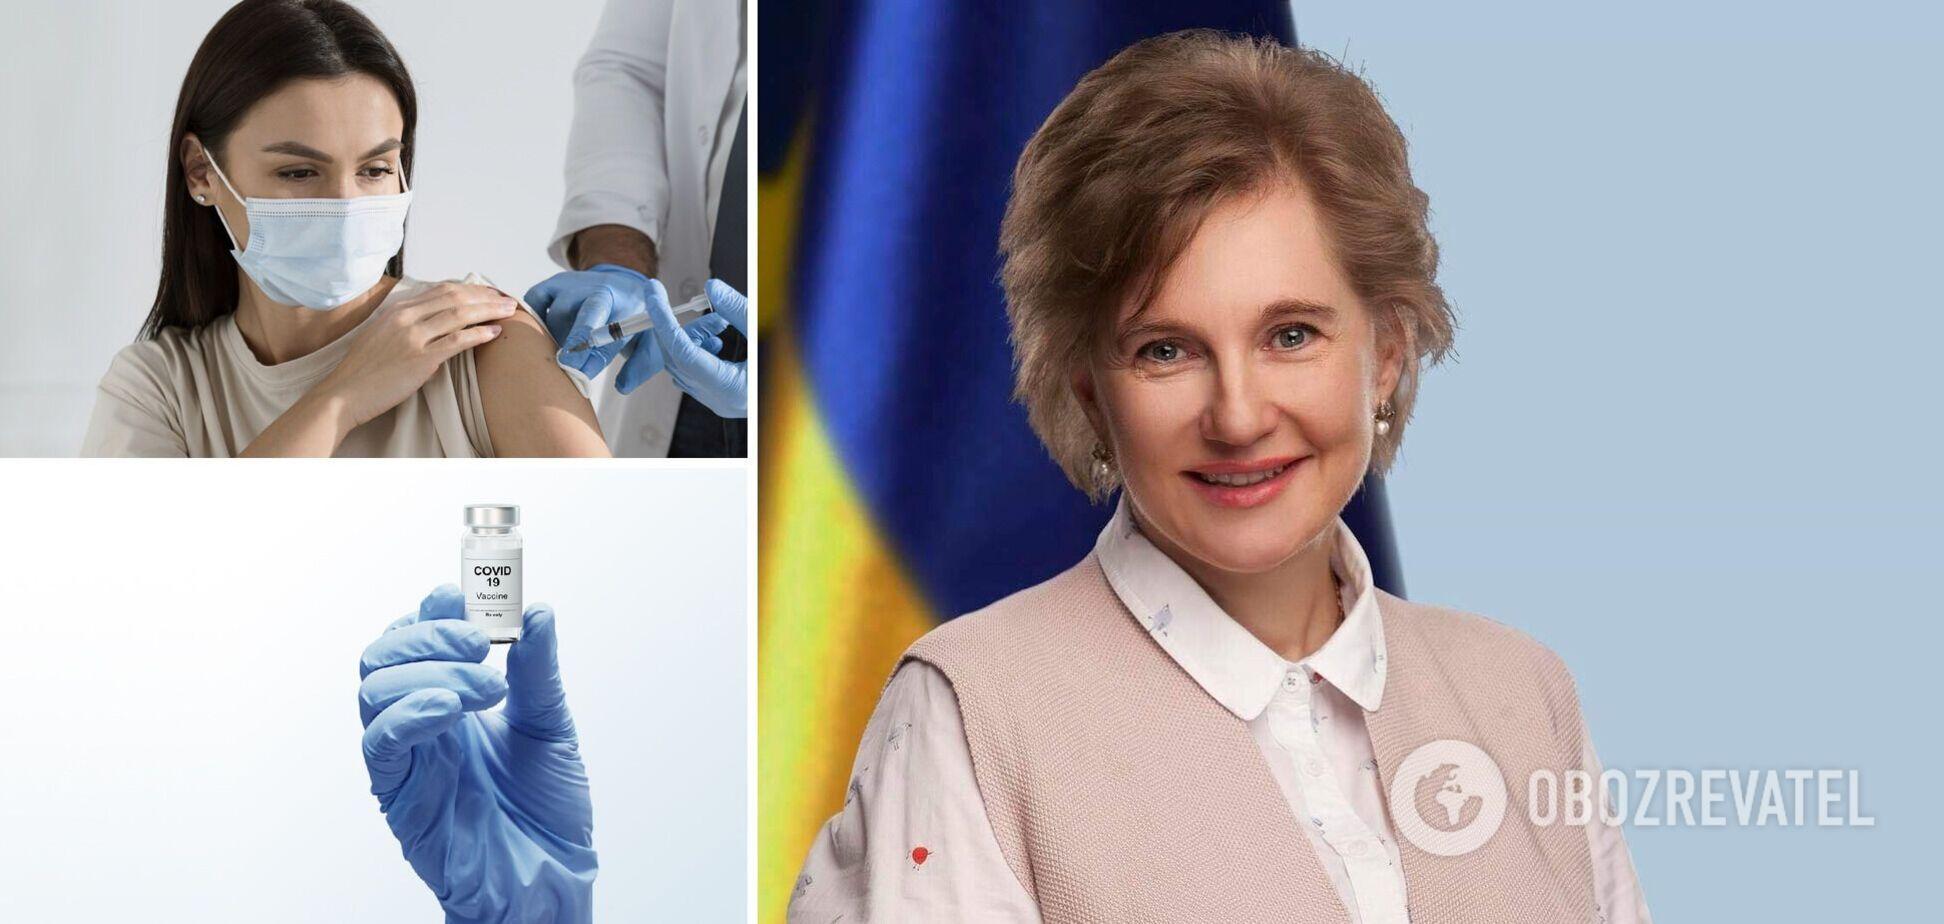 Голубовская рассказала, кому нужна бустерная доза вакцины против COVID-19. Видео